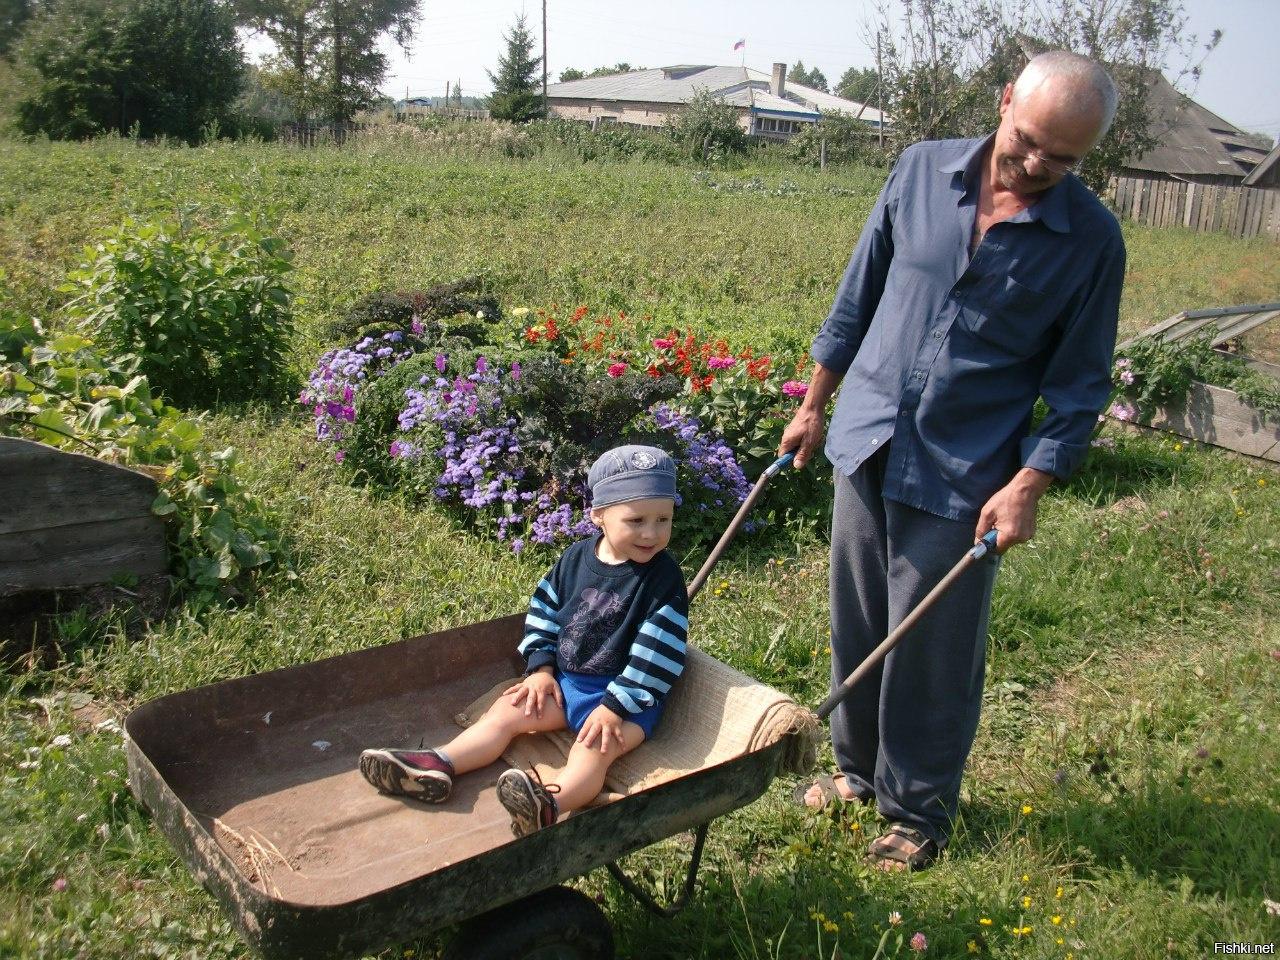 Картинки в деревне у бабушки, смешные подруге